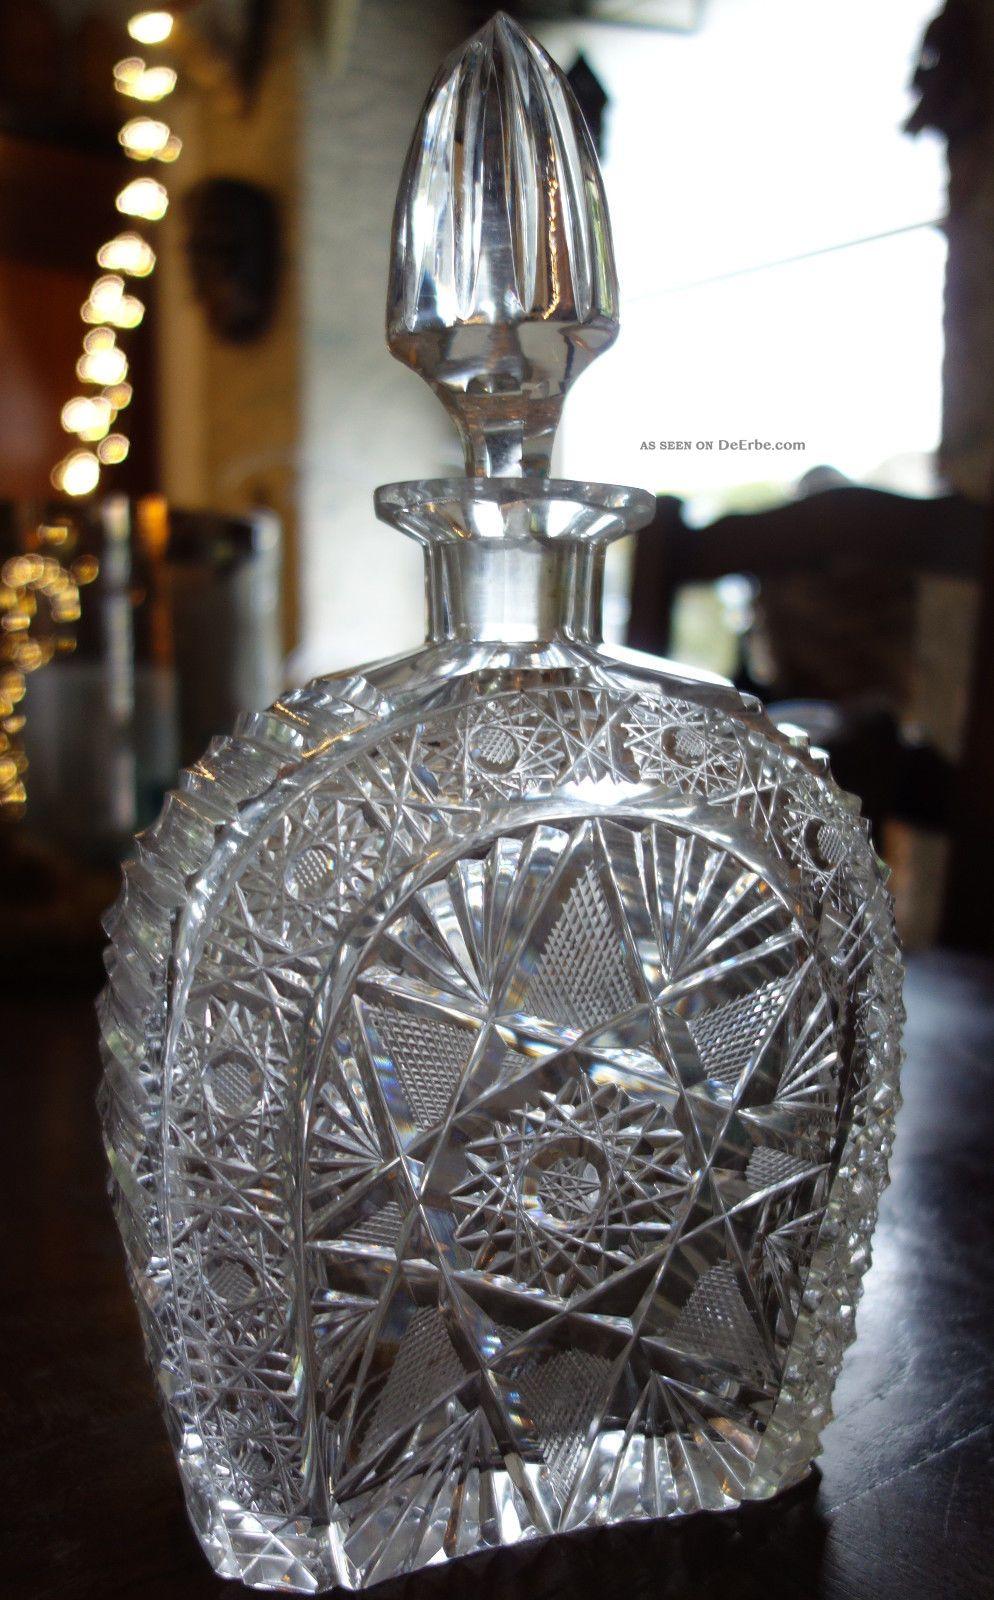 alte edle bleikristall karaffe whisky schnaps lik r 2kg schwer ca100 jahre. Black Bedroom Furniture Sets. Home Design Ideas